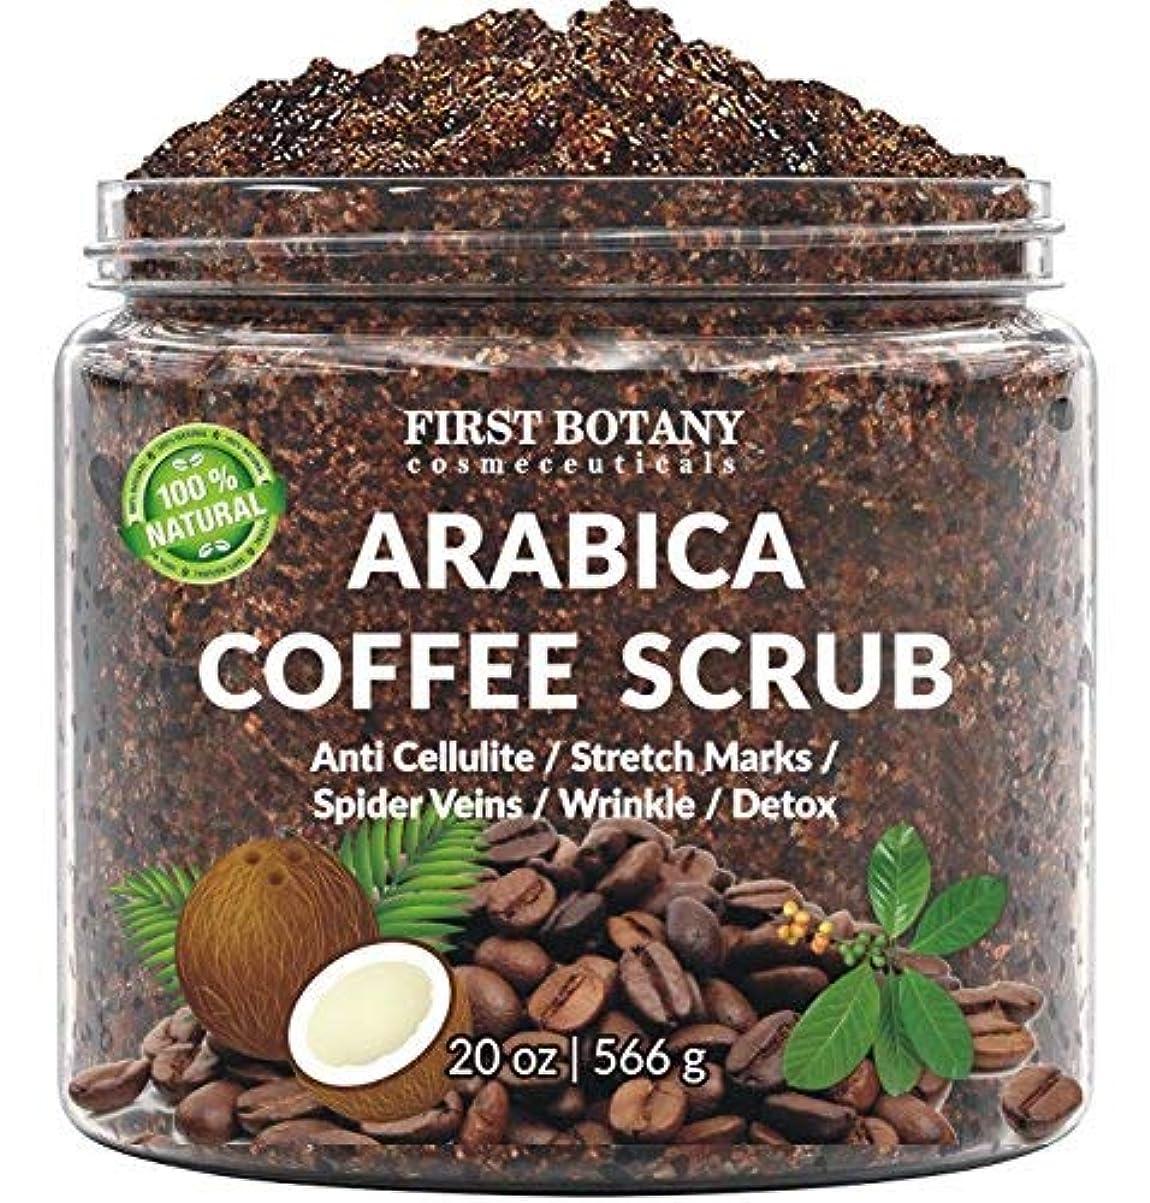 パイプラインチロずっと100% ナチュラル アラビカ コーヒースクラブ with 有機コーヒー、ココナッツ、シアバター   ボディースクラブクリーム [海外直送品] (566グラム)